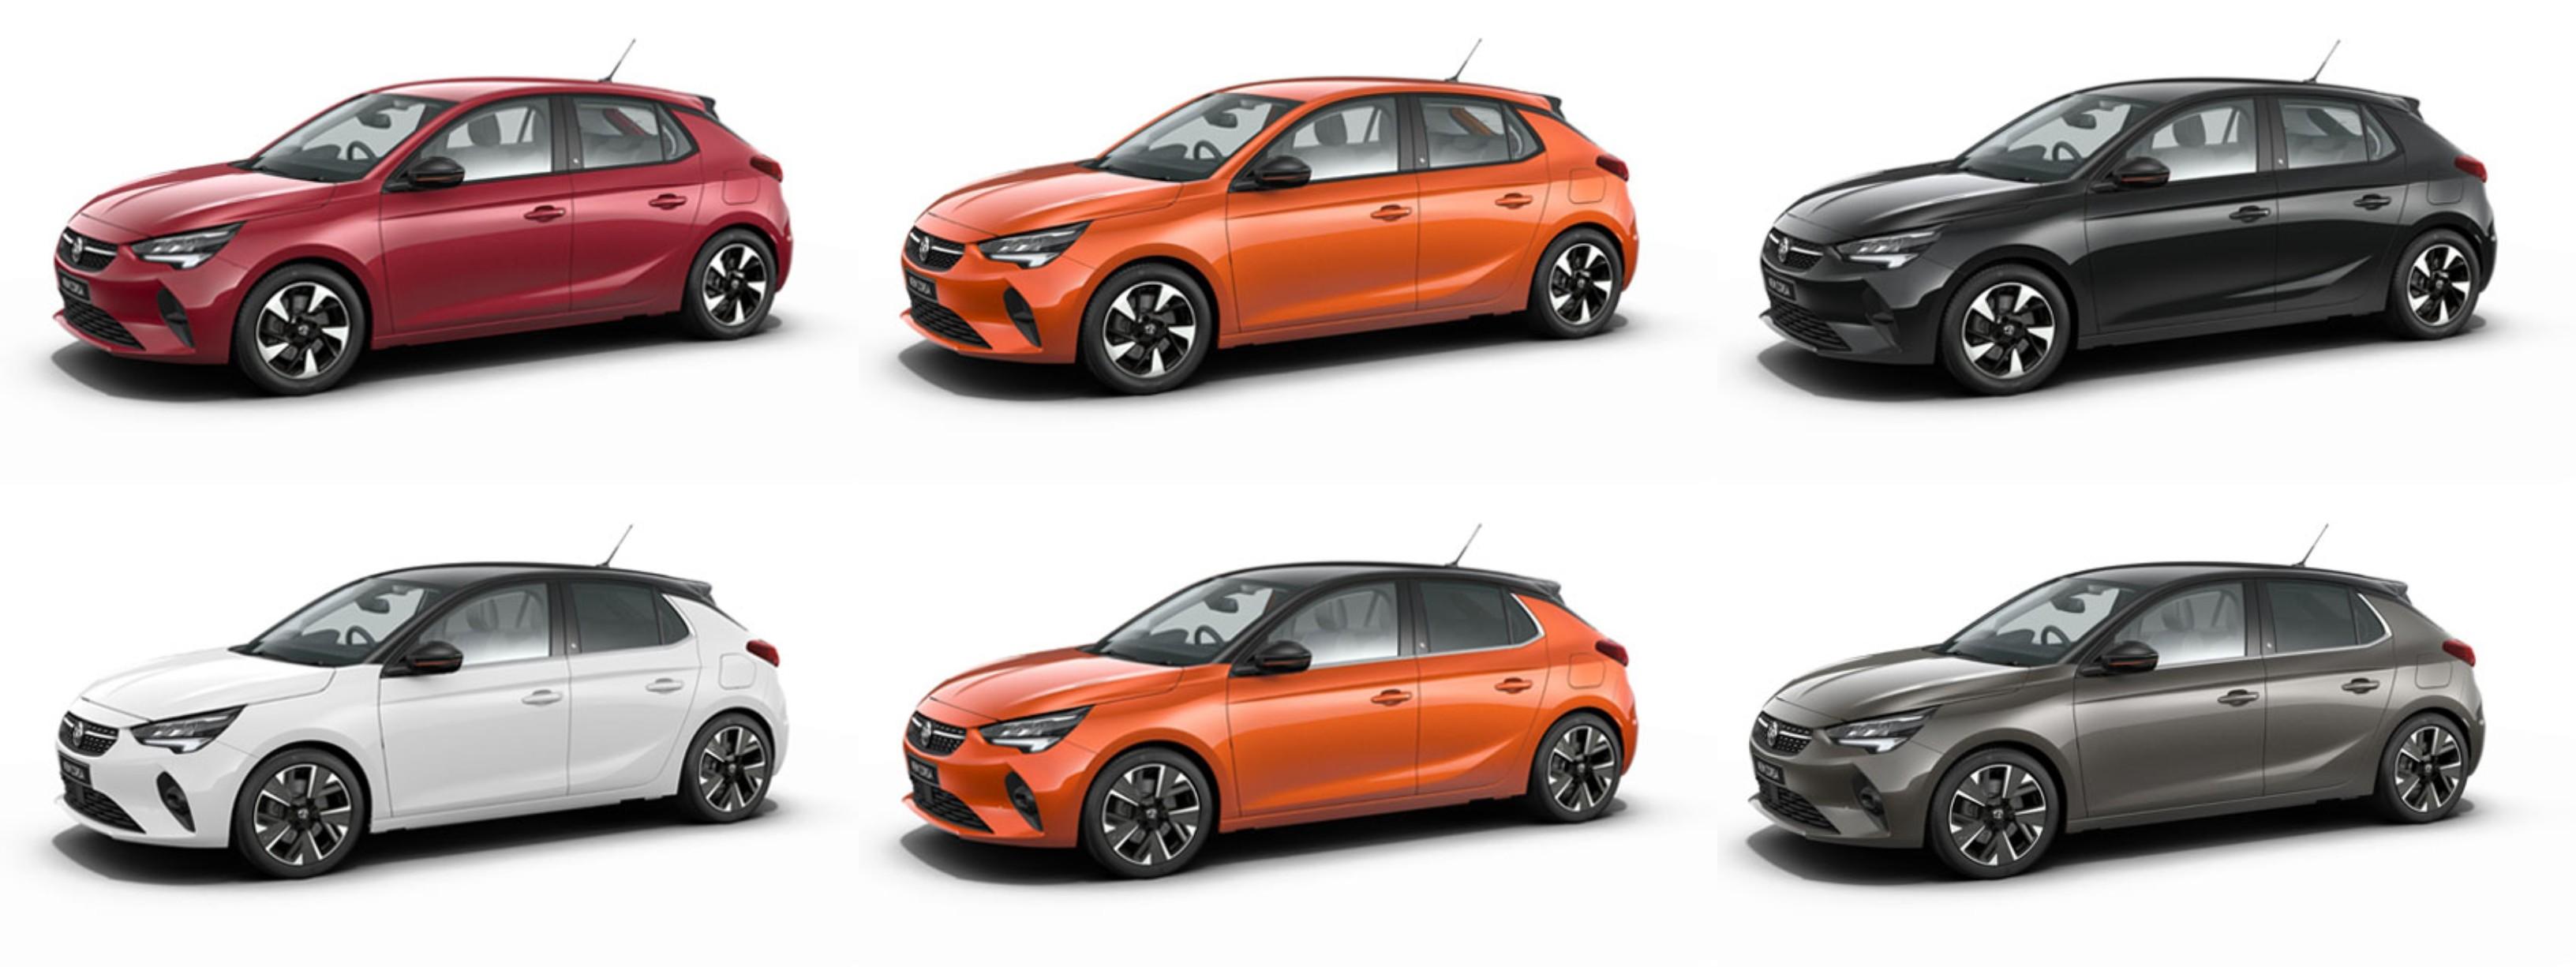 Opel Revela Los Precios Y Equipamientos Del Corsa E En Alemania Y Nos Muestra La Estetica De Las Versiones Menos Equipadas Forococheselectricos